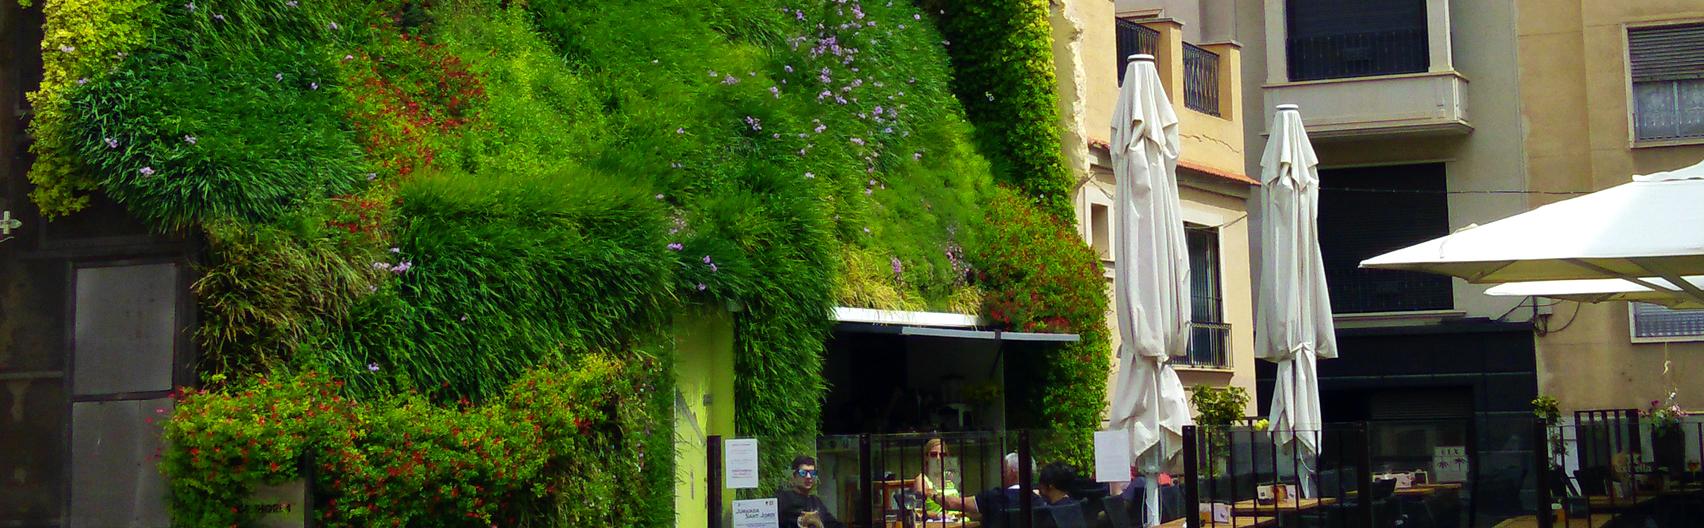 Proyecto jardín vertical Calahorra – Elche. Paisajismo Urbano, 2014